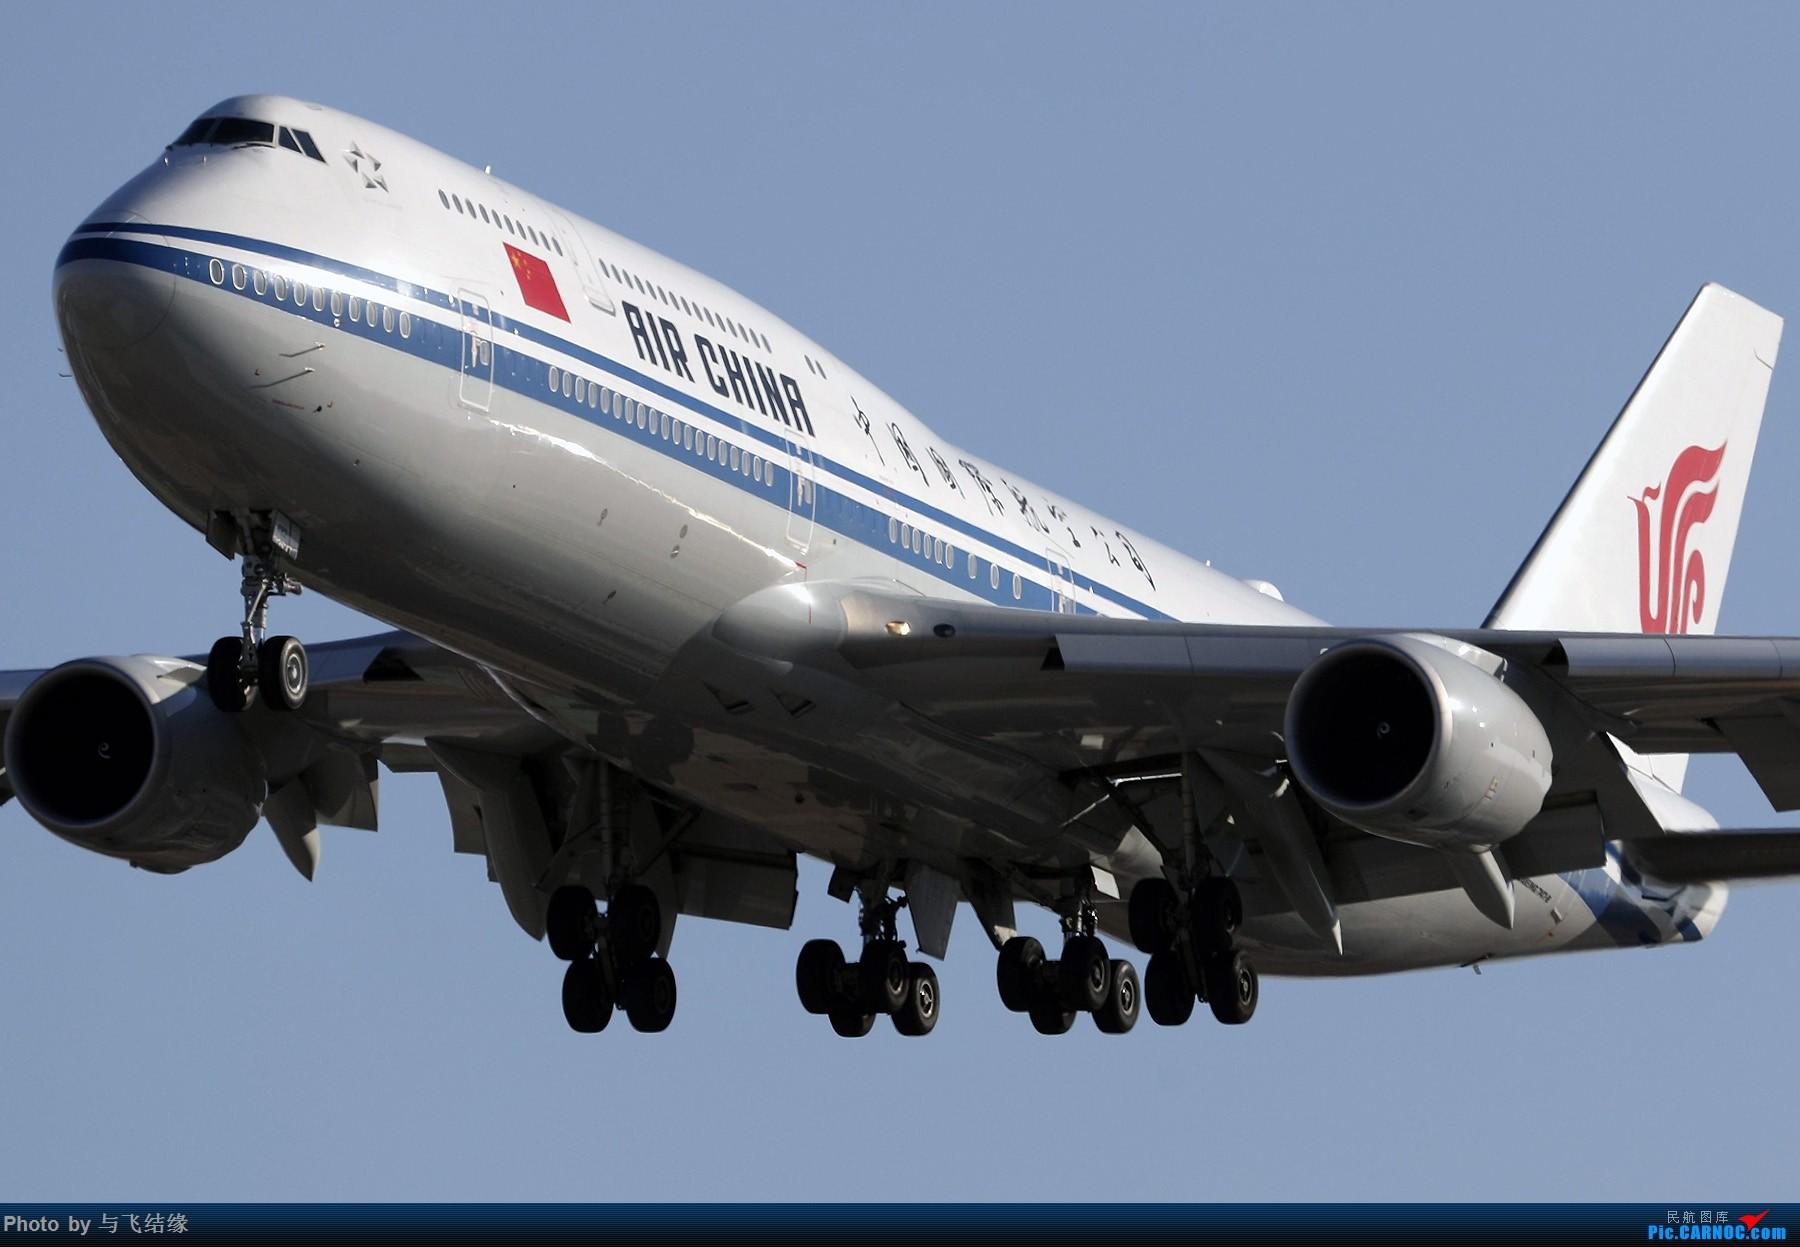 """[原创]农历三十再发一贴,祝朋友们新年""""猪""""事顺利,吉祥如意! BOEING 747-8I B-2482 中国北京首都国际机场"""